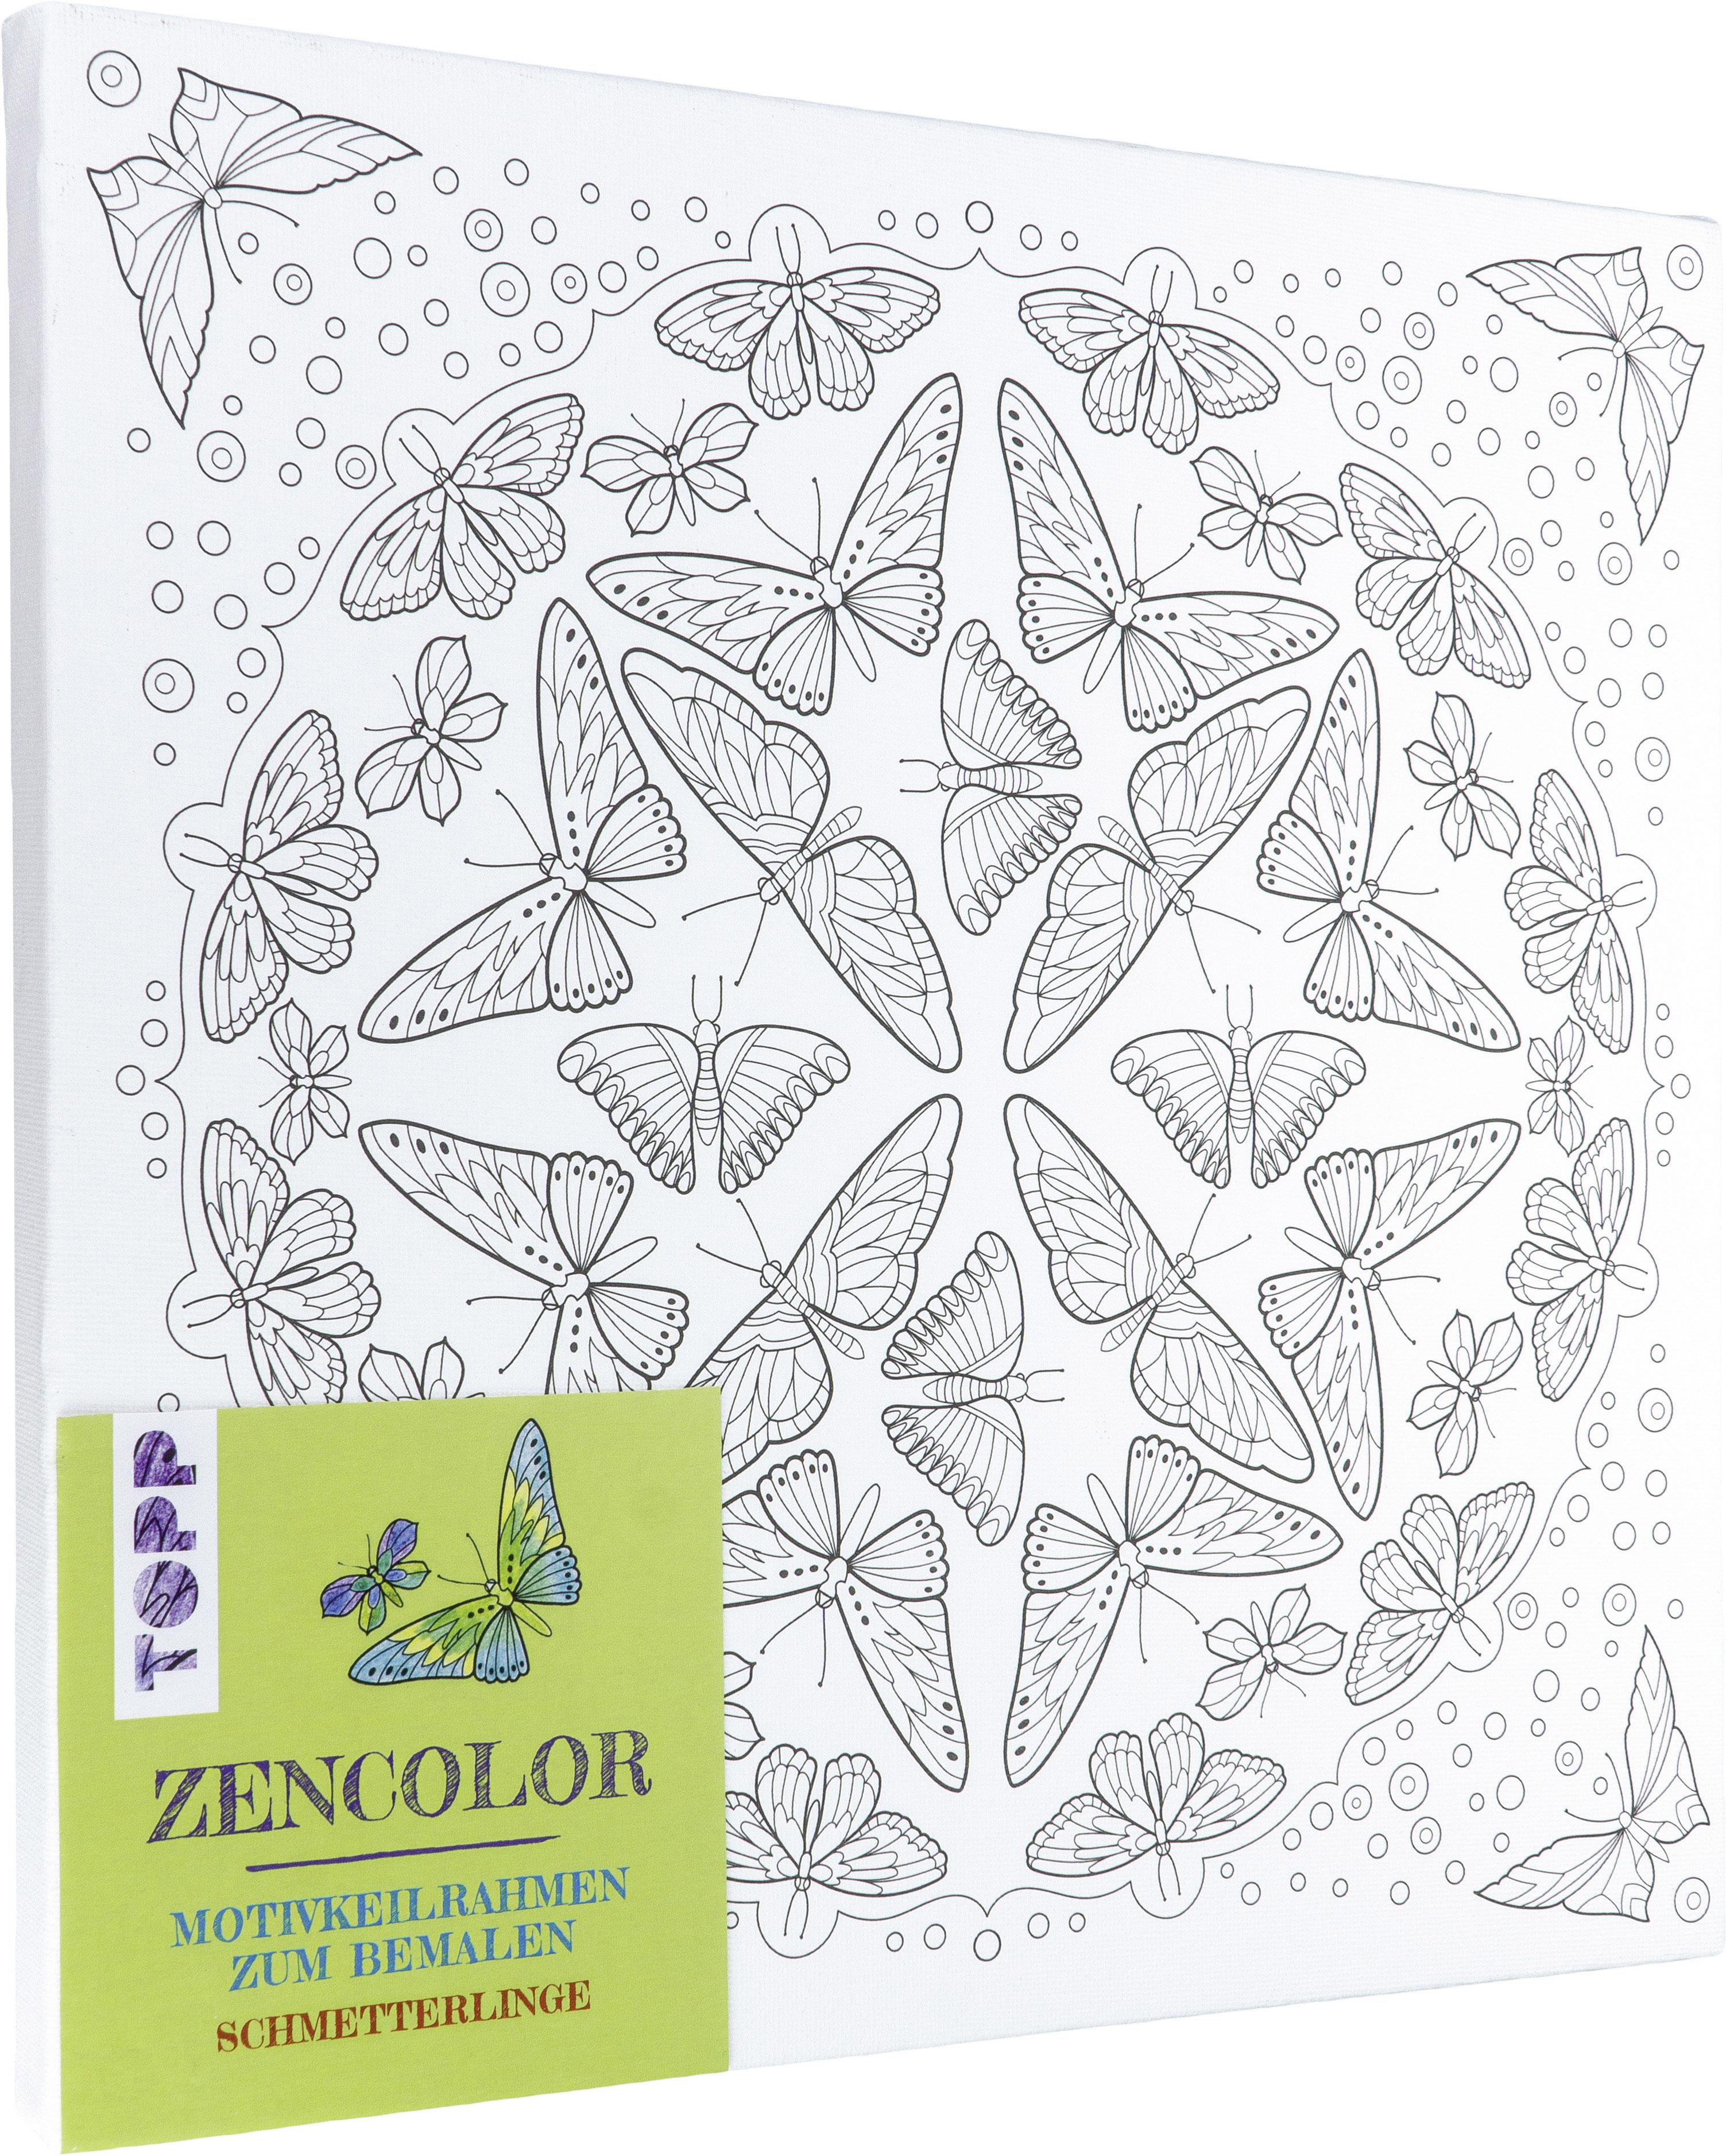 Zencolor motivkeilrahmen schmetterlinge von frechverlag for Mosaik vorlagen zum ausdrucken